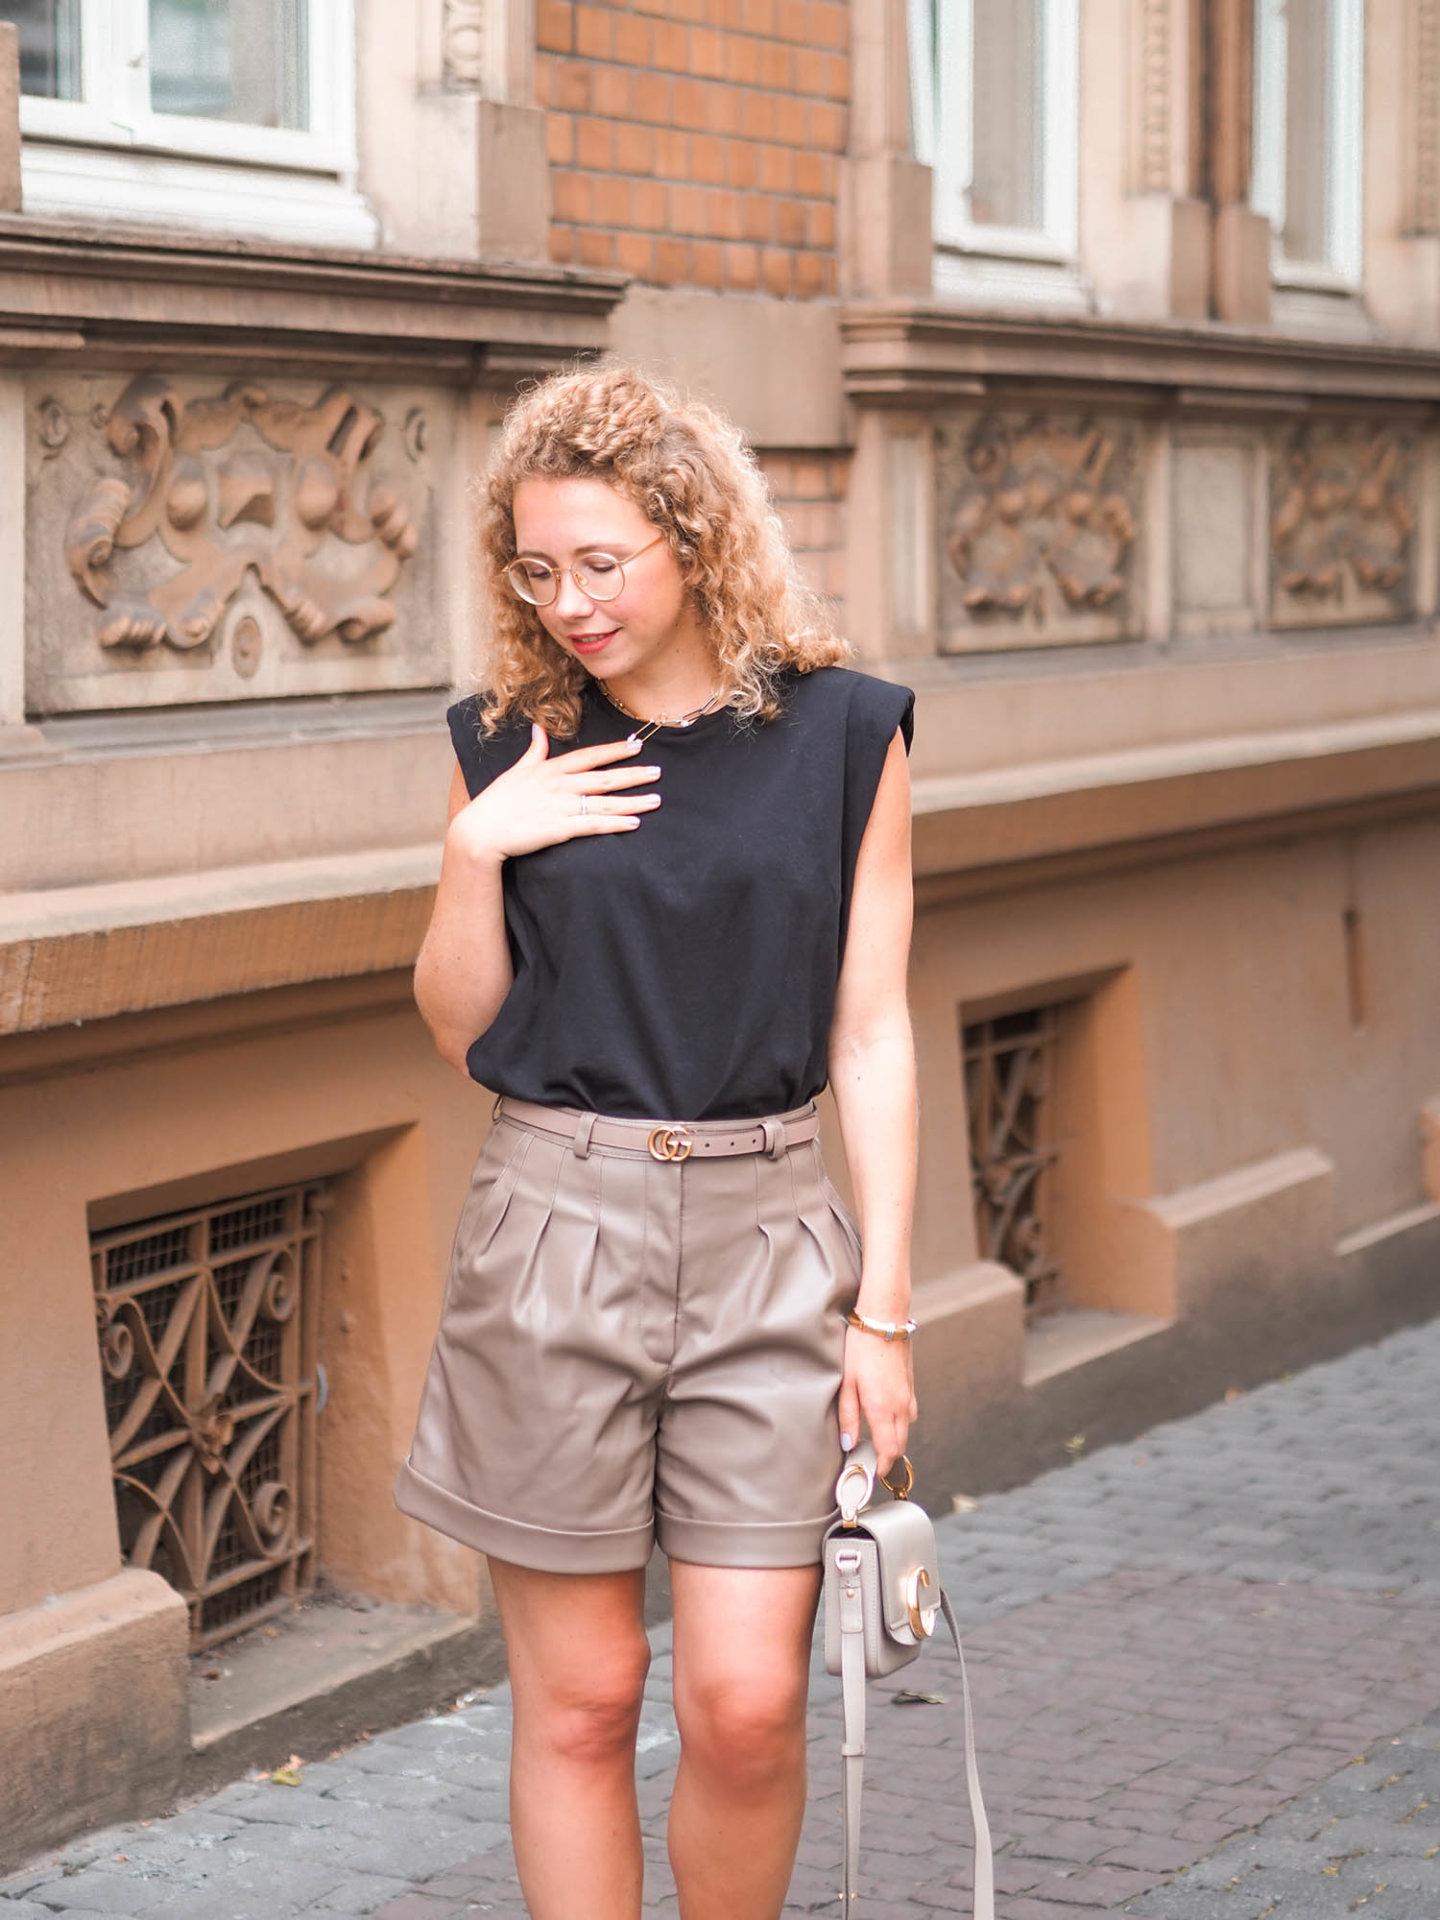 classy sommerlook mit schulterpolster-shirt